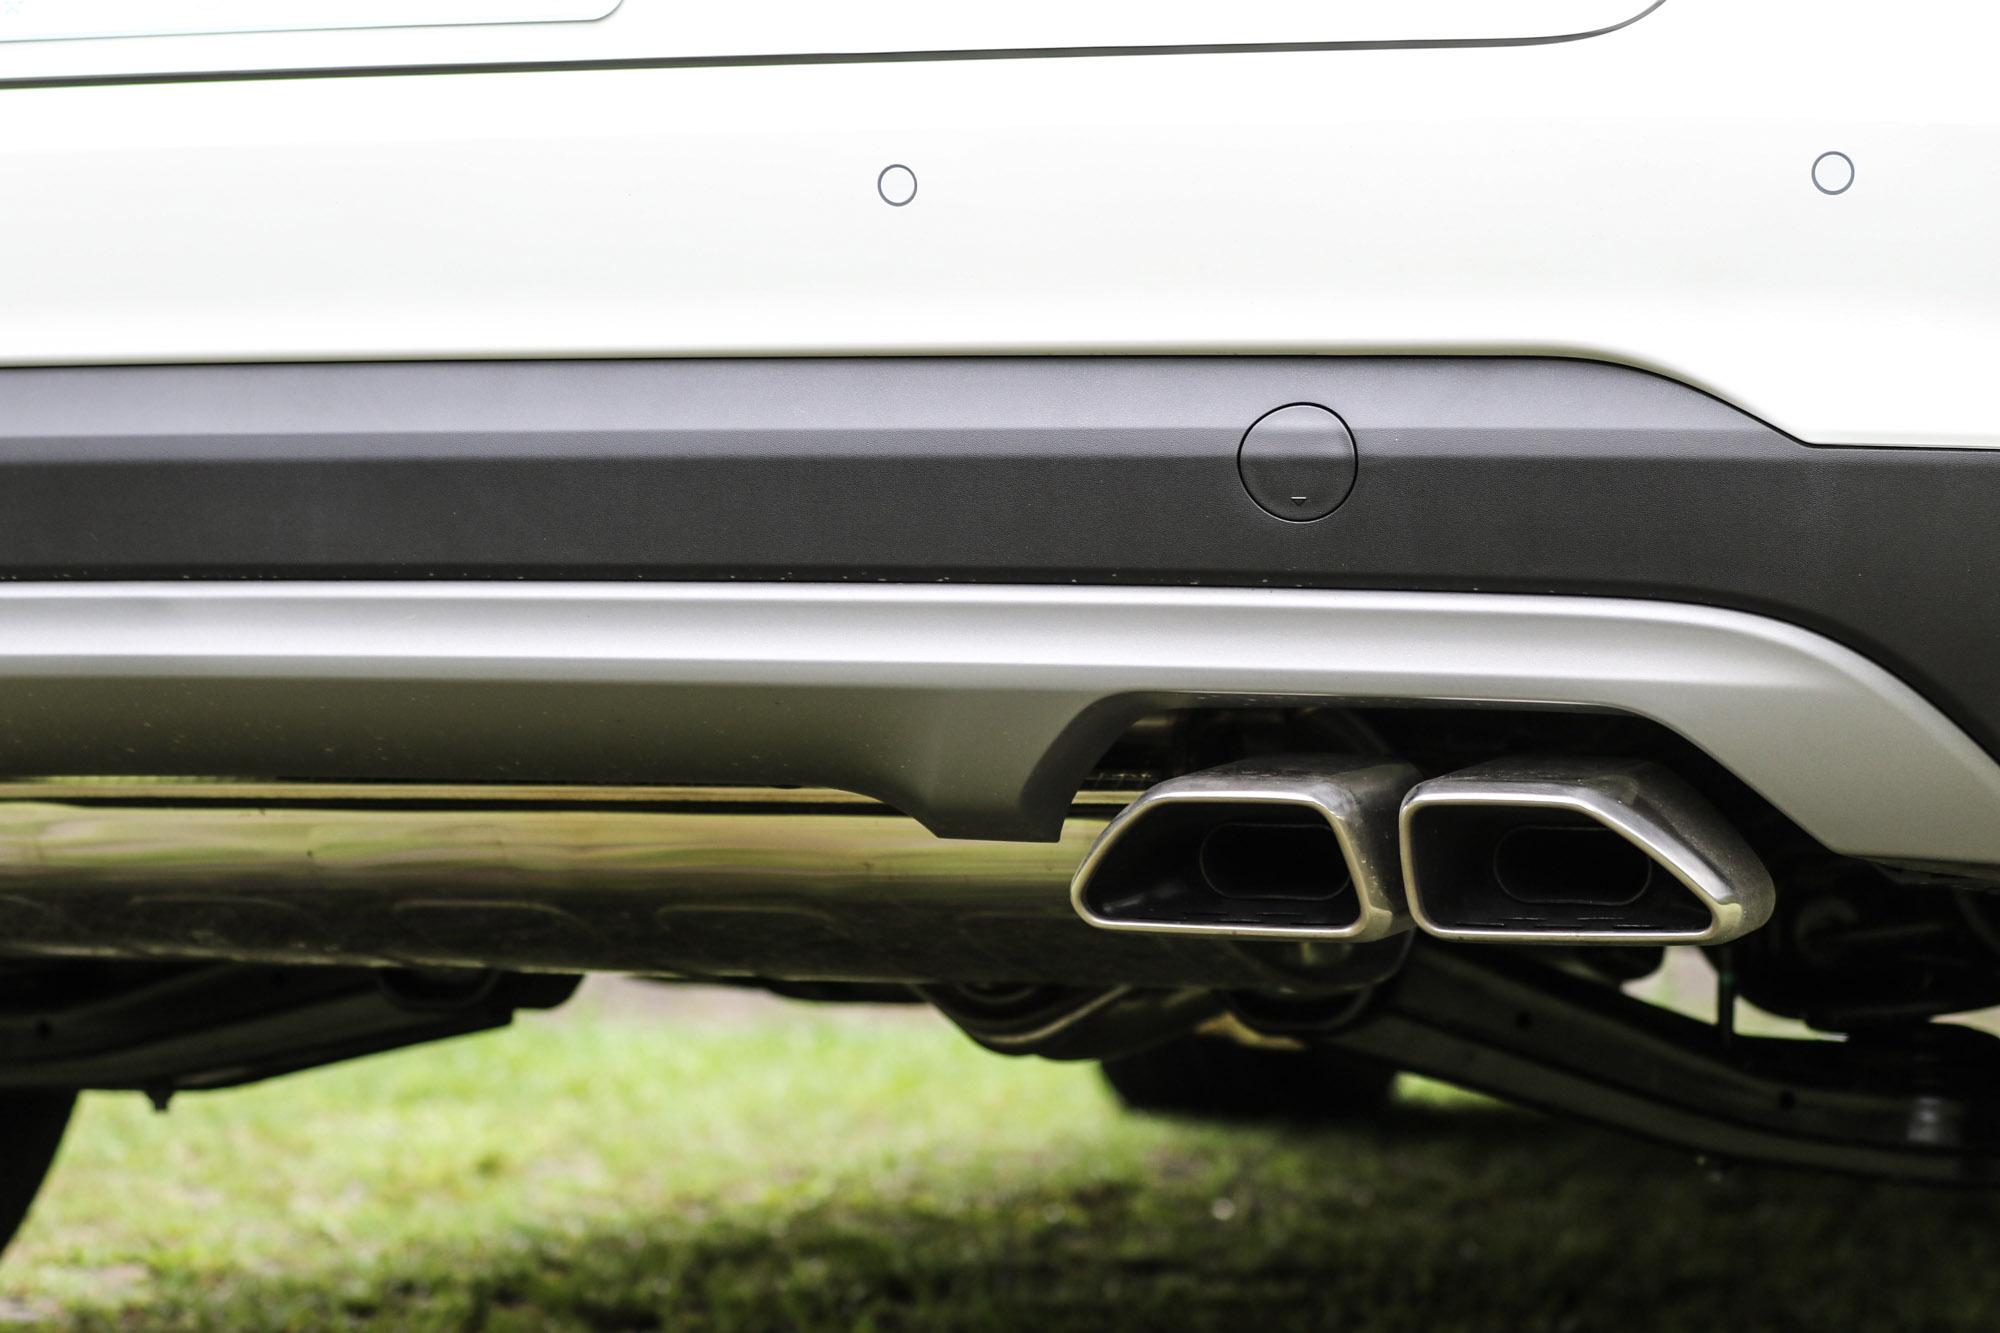 單邊雙出排氣尾管設計,與時興的左右雙出設計稍有不同。